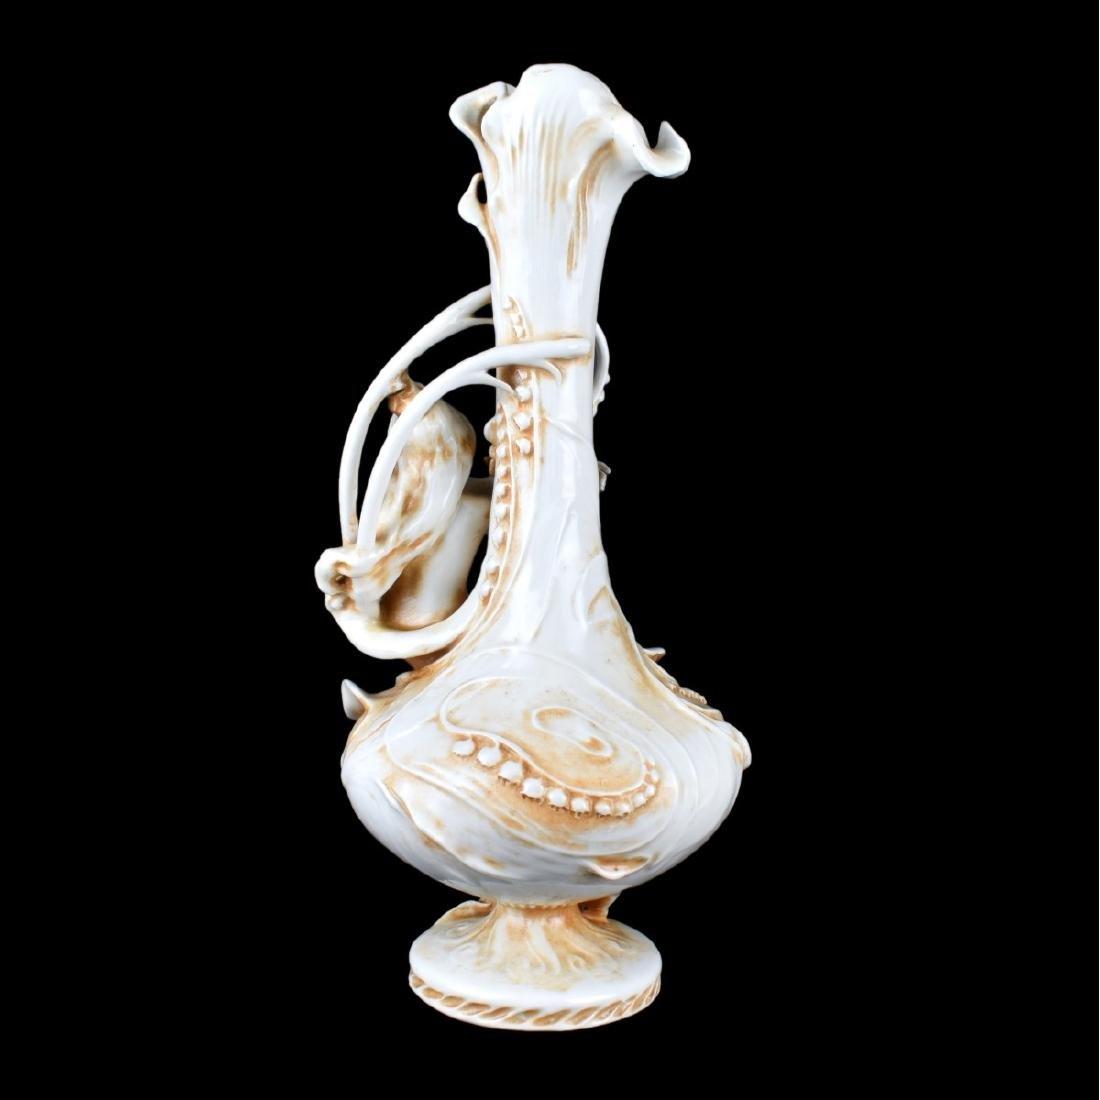 Antique Amphora Art Nouveau Porcelain Vase - 3